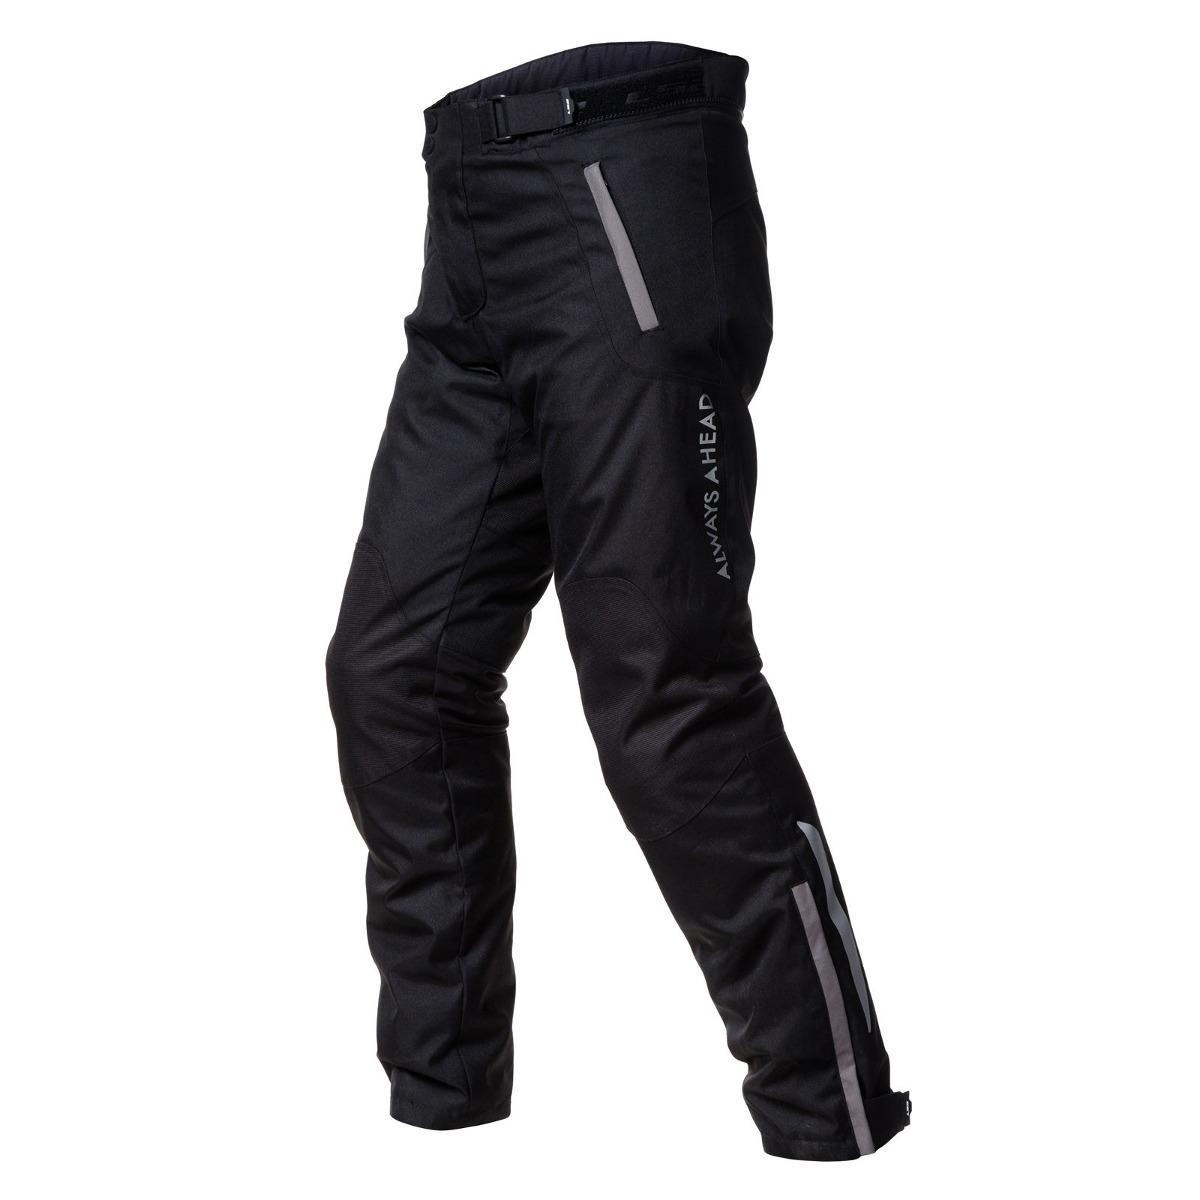 pantalon ls2 chart negro hombre talle xxl